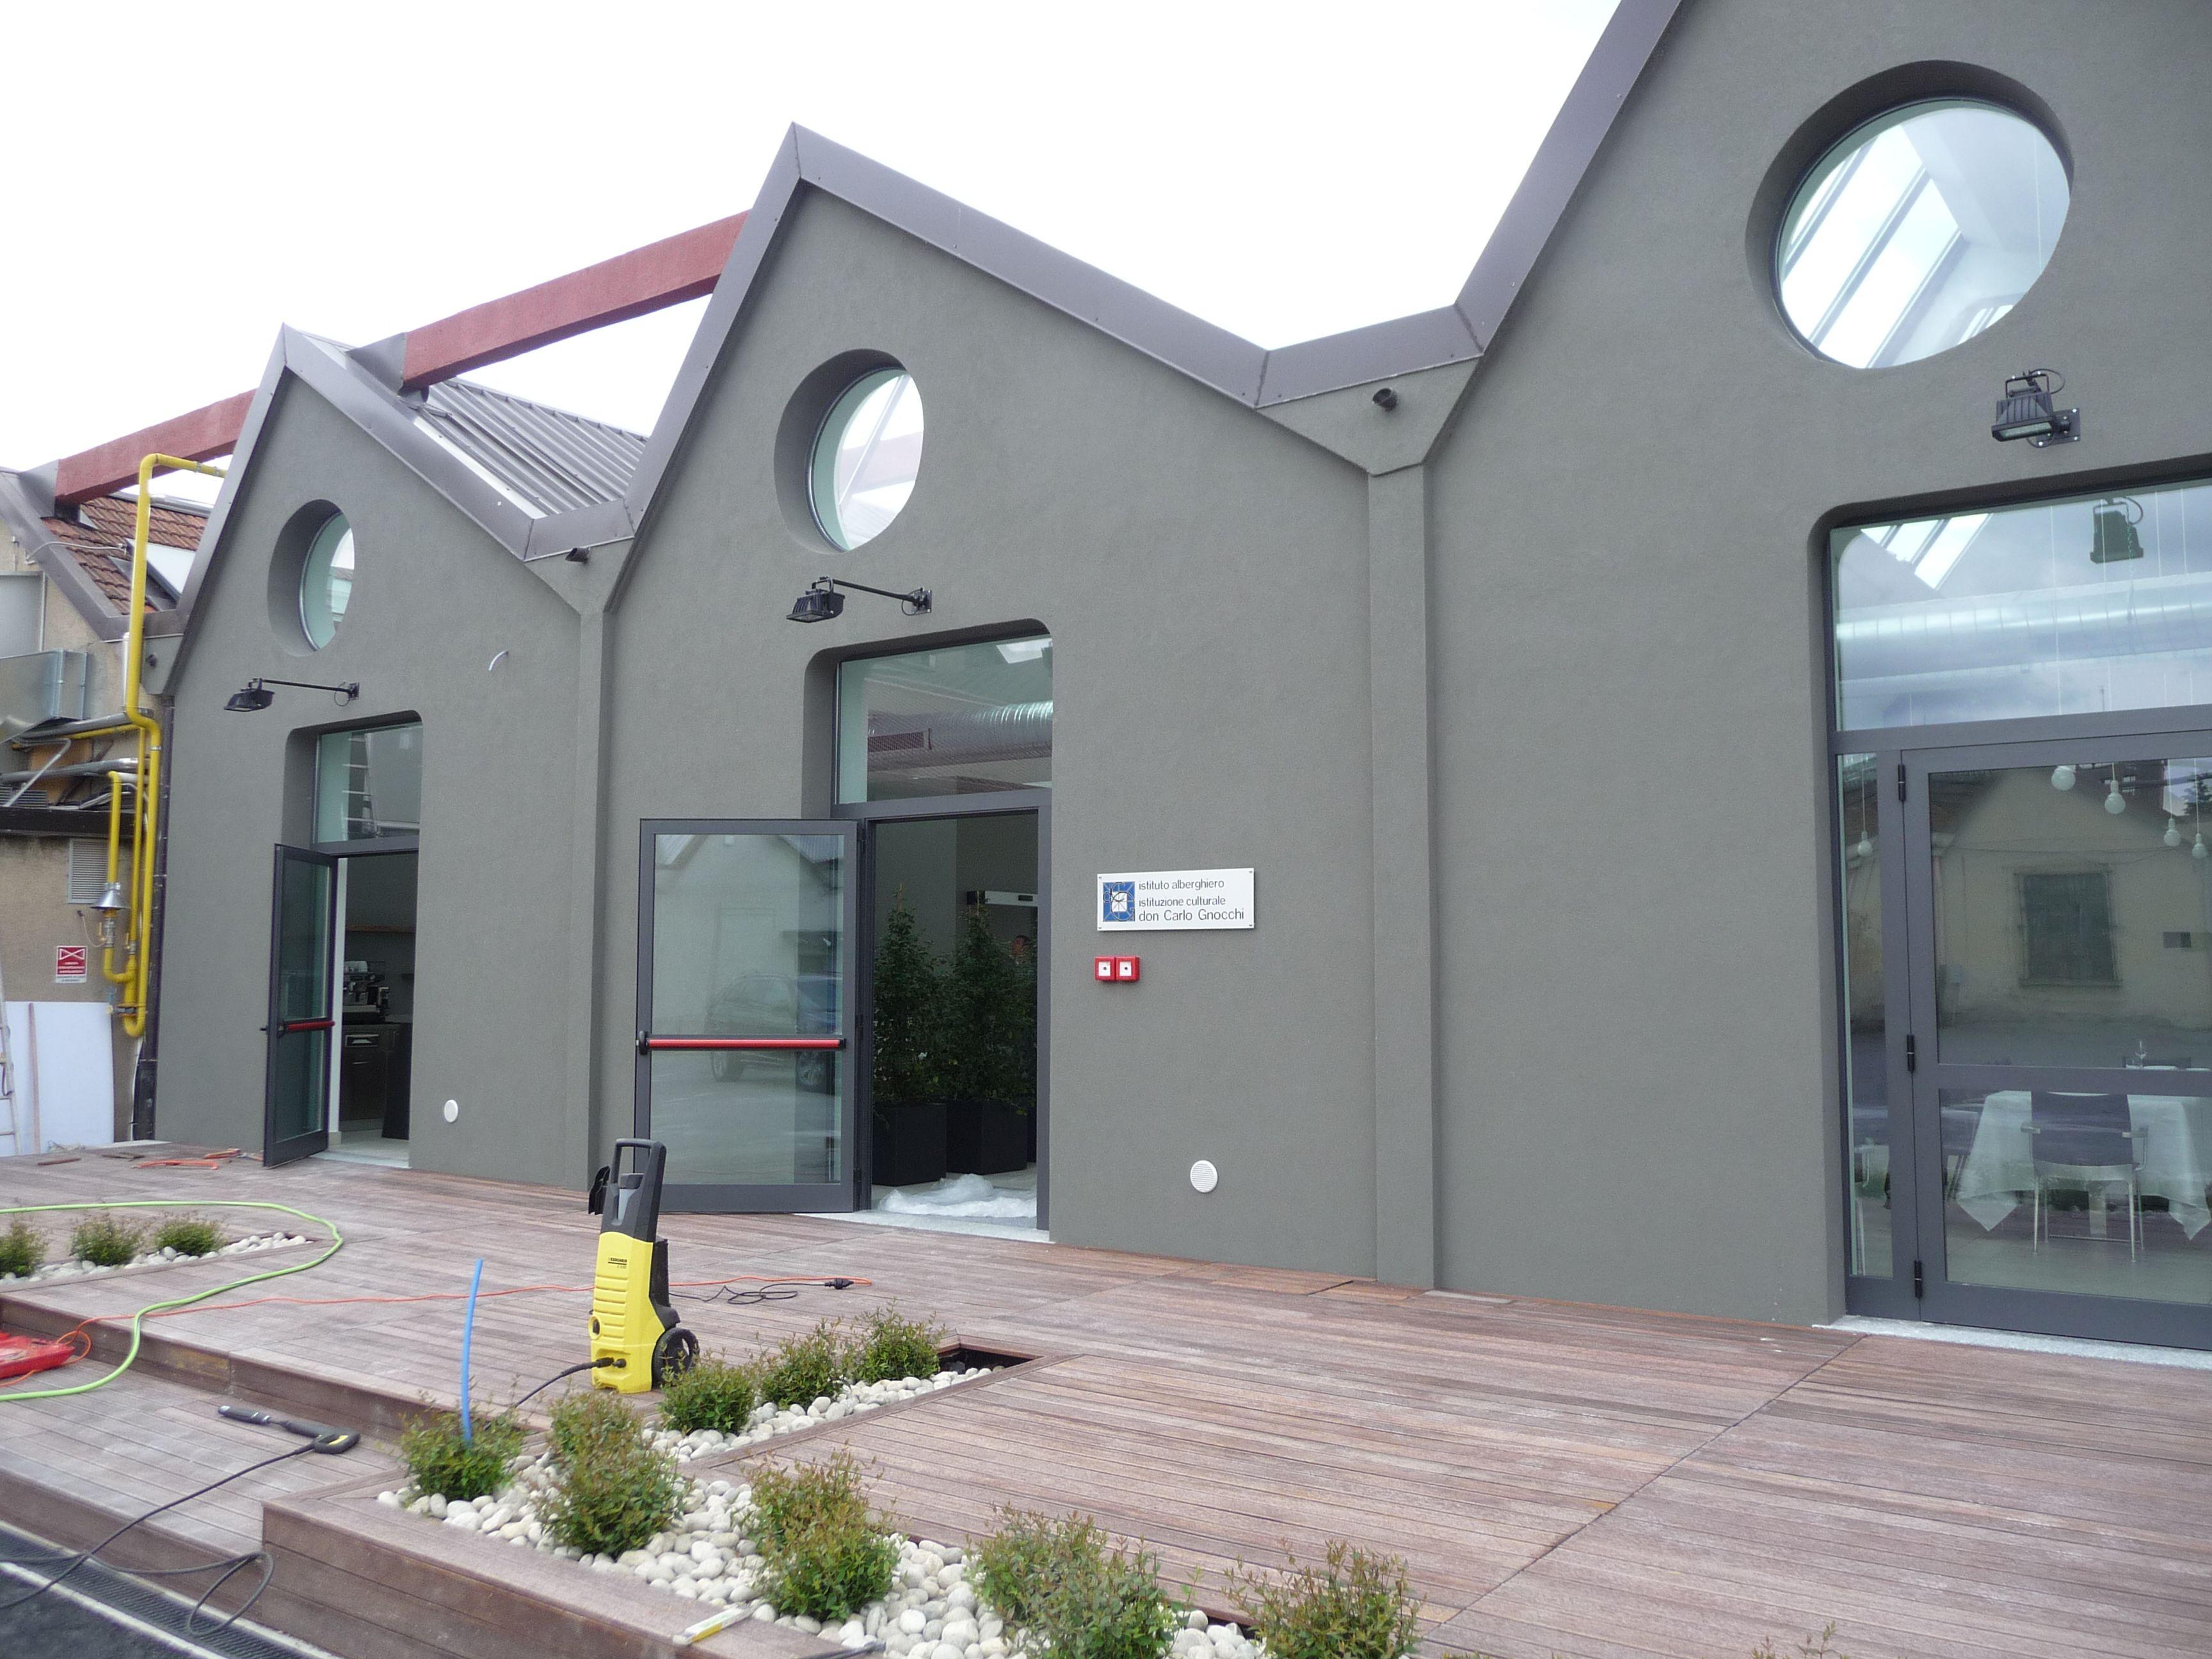 Istituto Alberghiero Don Gnocchi, Carate Brianza